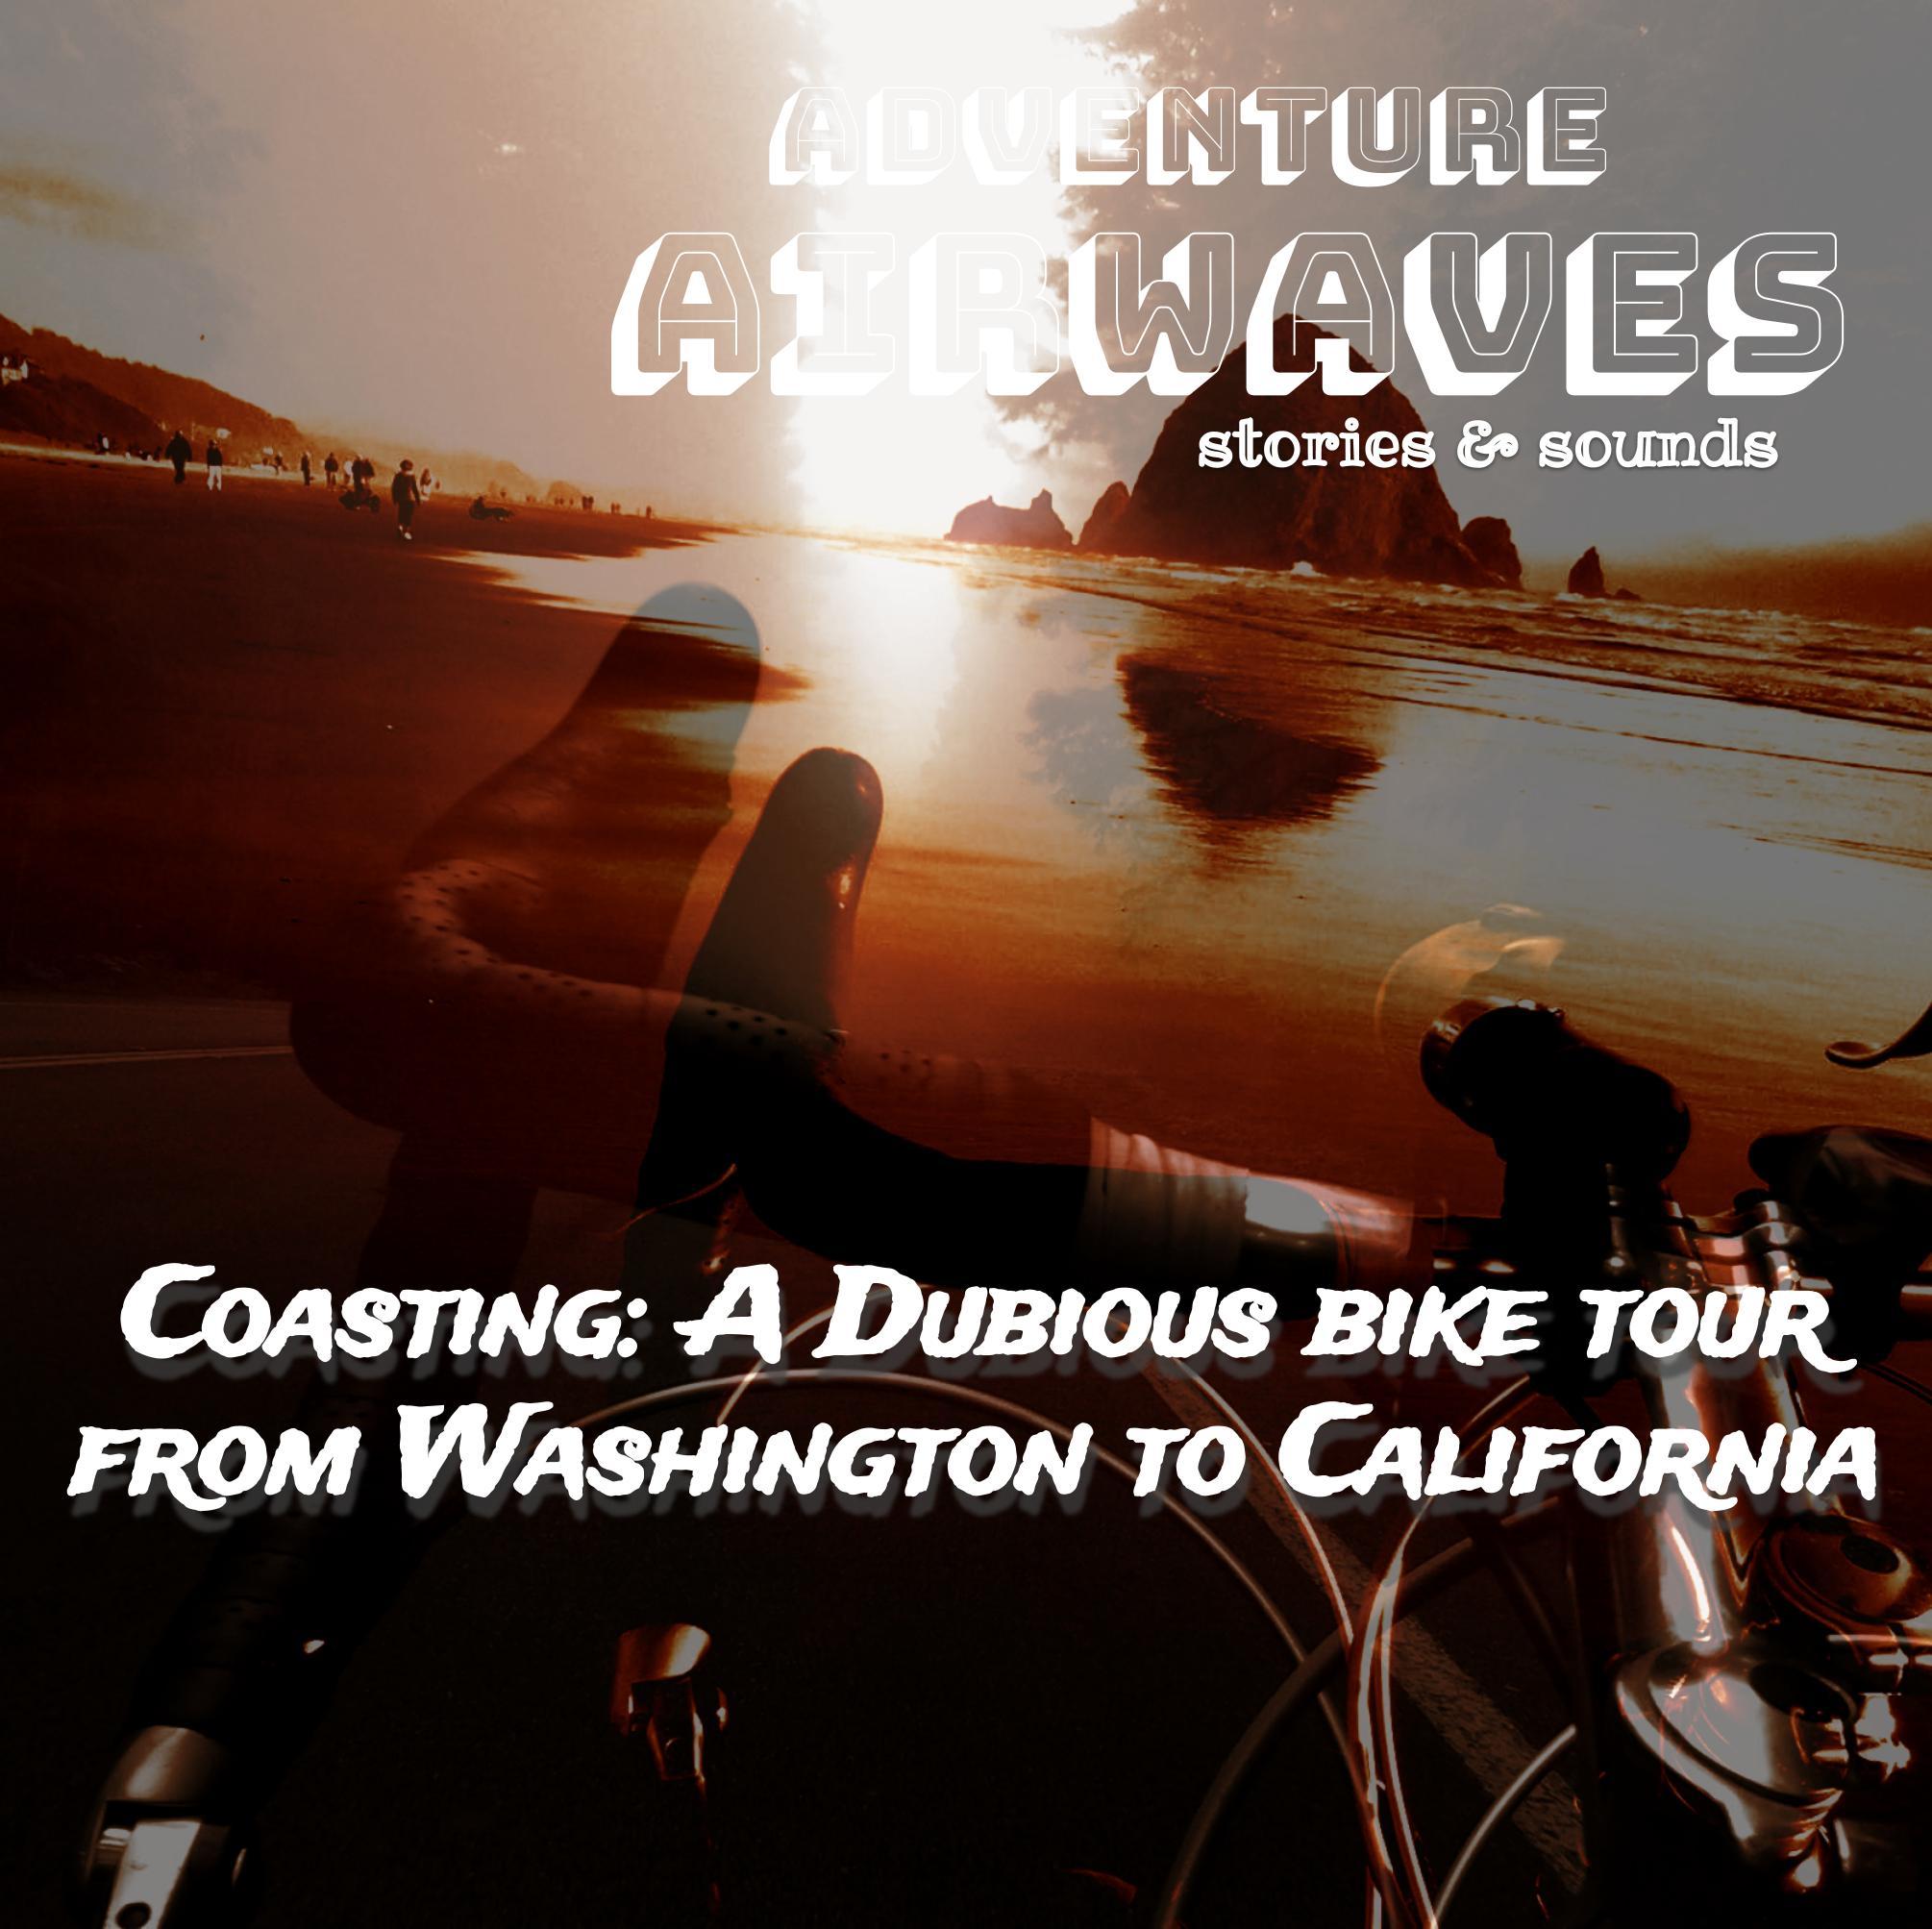 Coasting: A Dubious Bike Tour from Washington to California